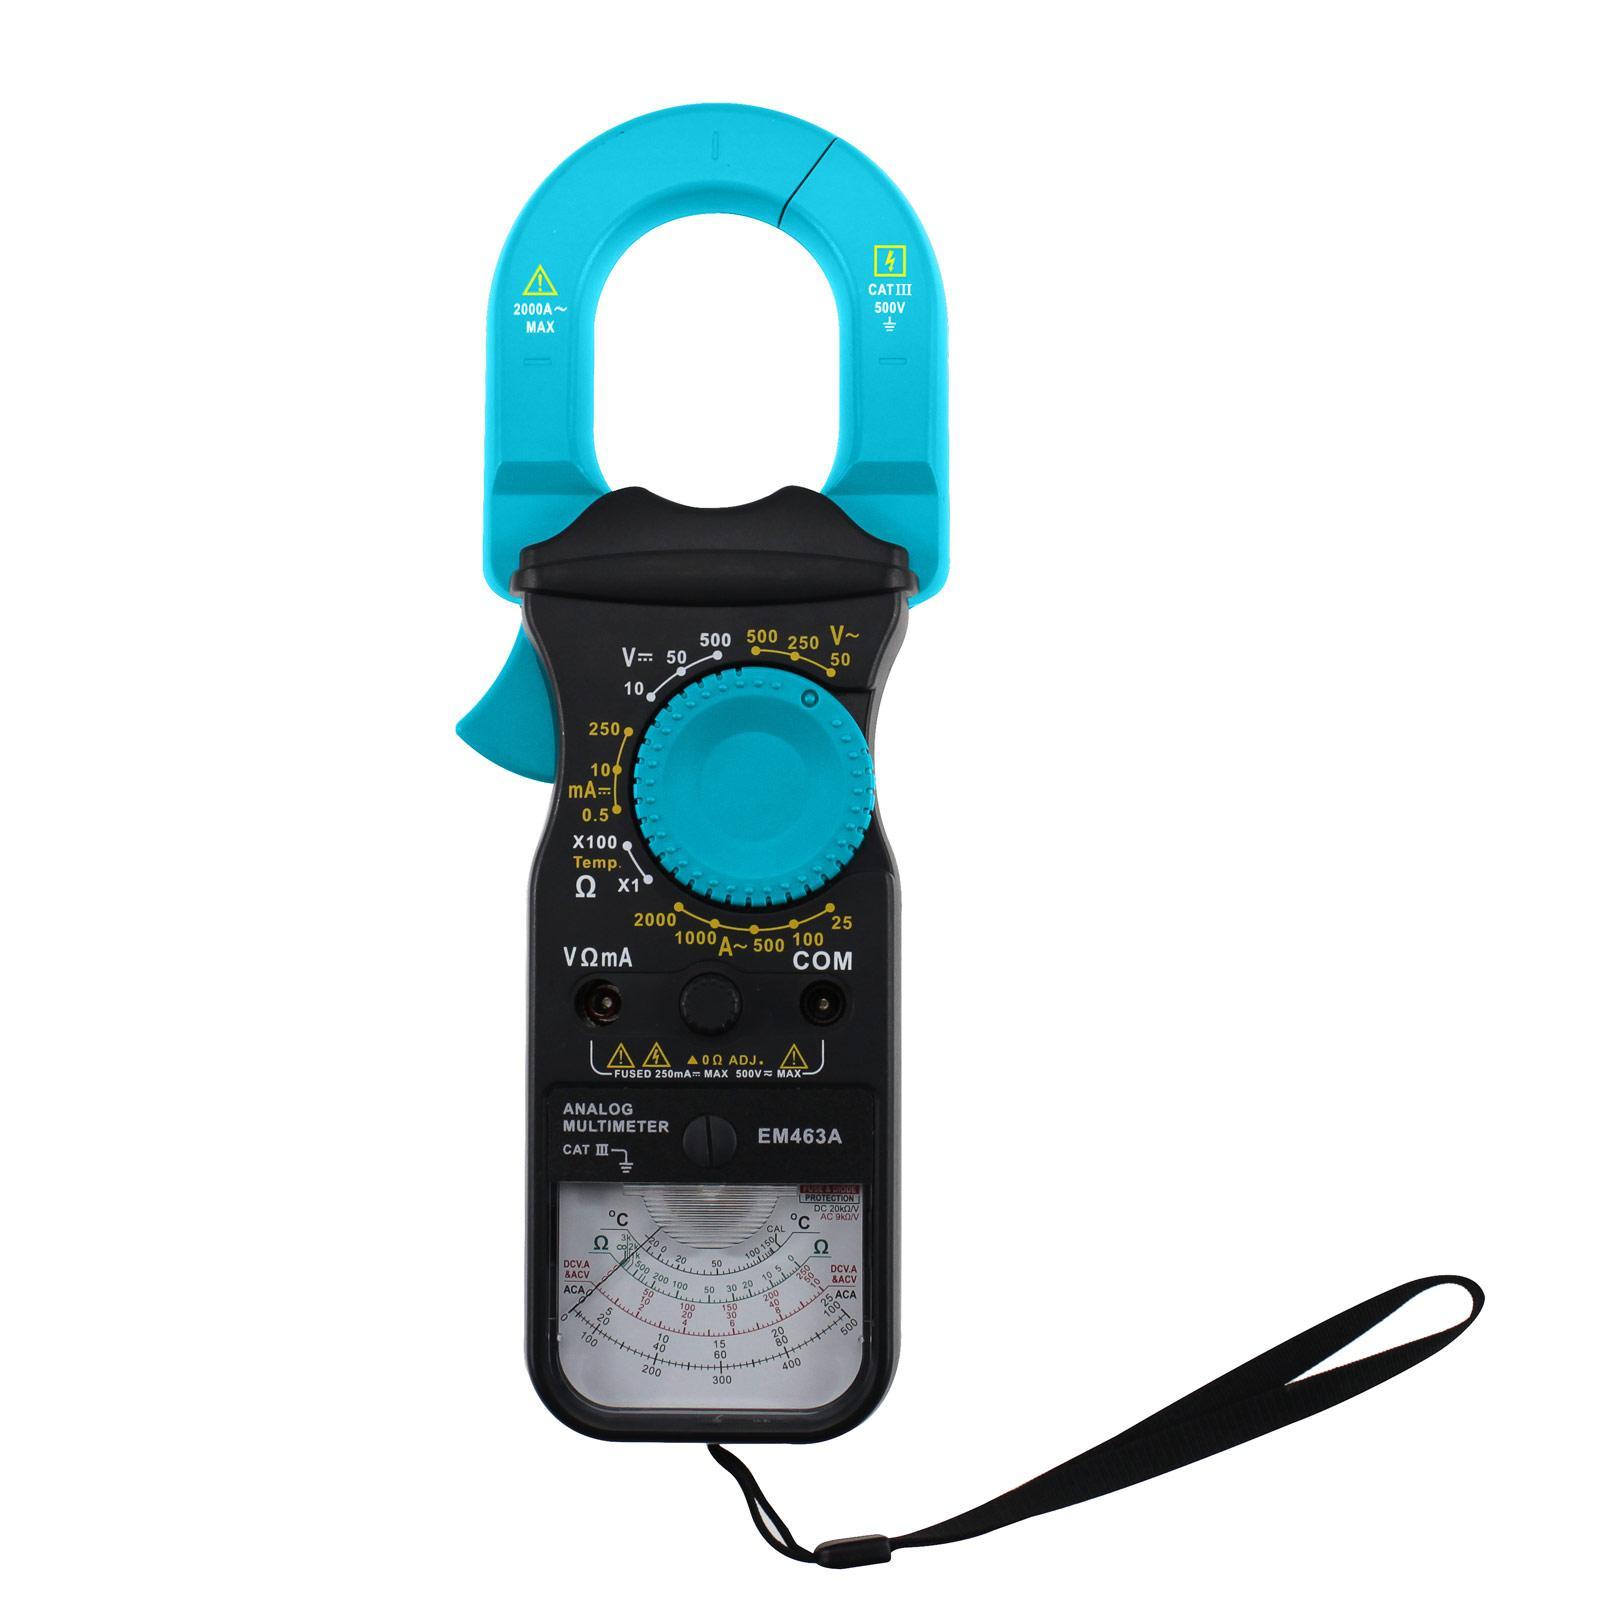 휴대용 아날로그 멀티 미터 클램프 형 CAT III 500V 안전 앰프 옴 볼트 온도 테스트 모델 모든 일 EM463A